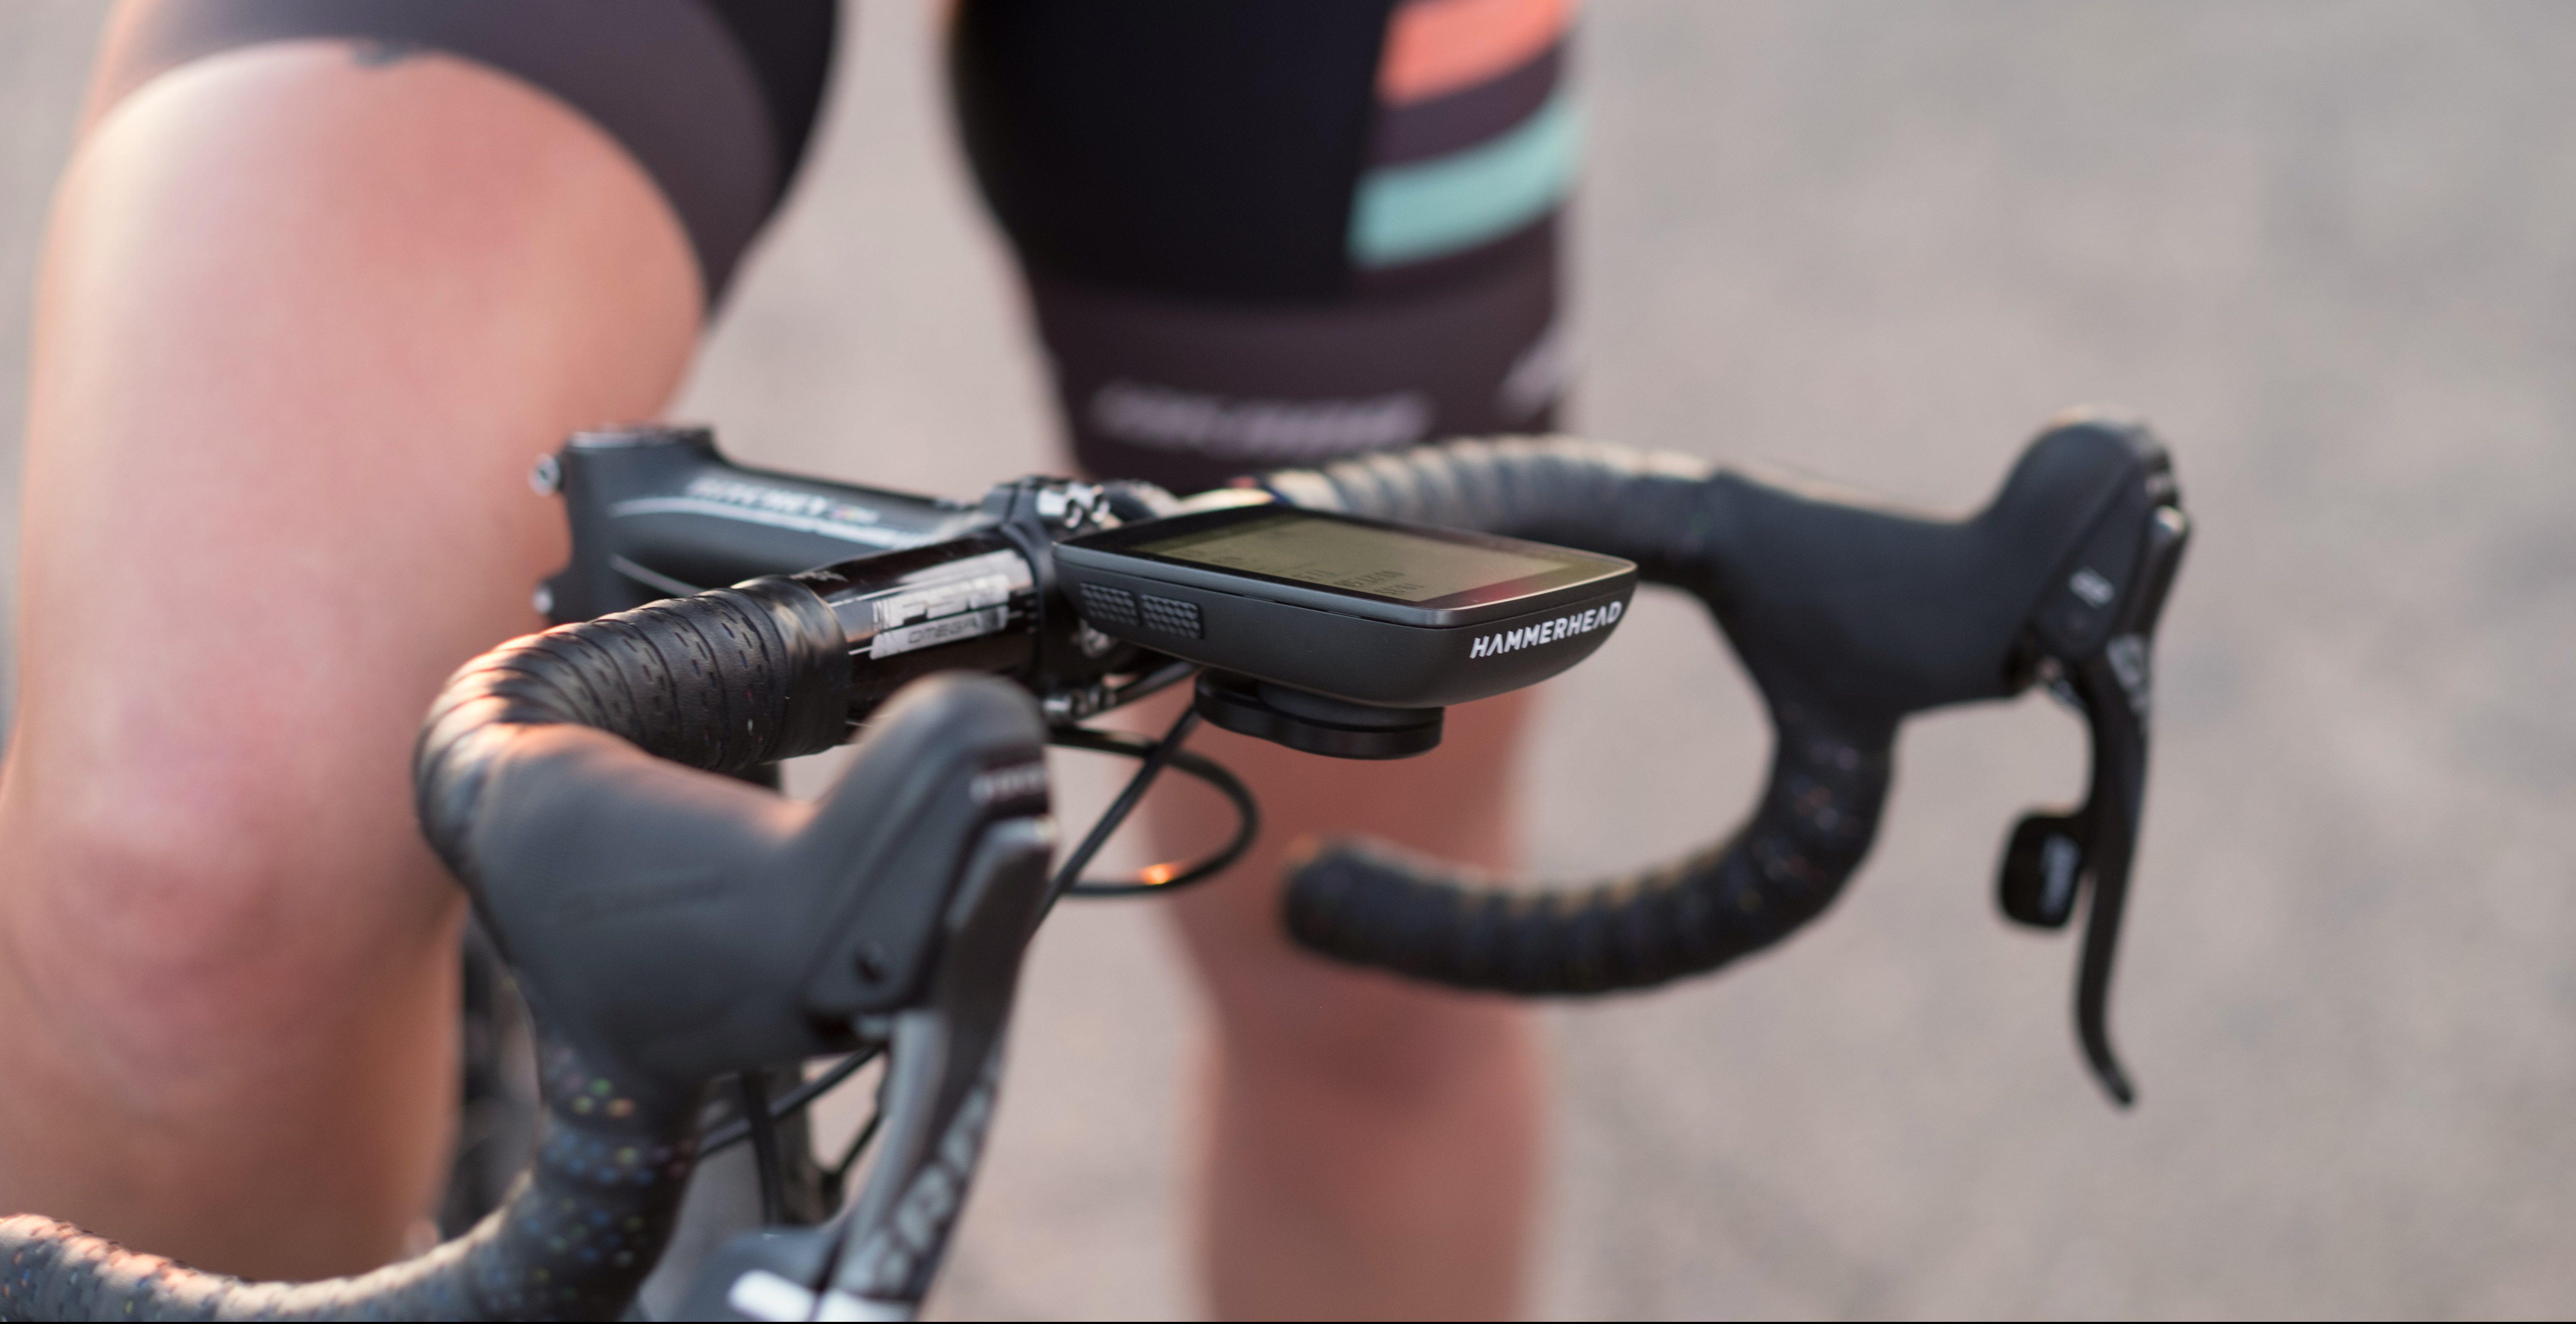 NOUVEAUTE – HAMMERHEAD KAROO – UN GPS CONNECTE POUR LE CYCLE